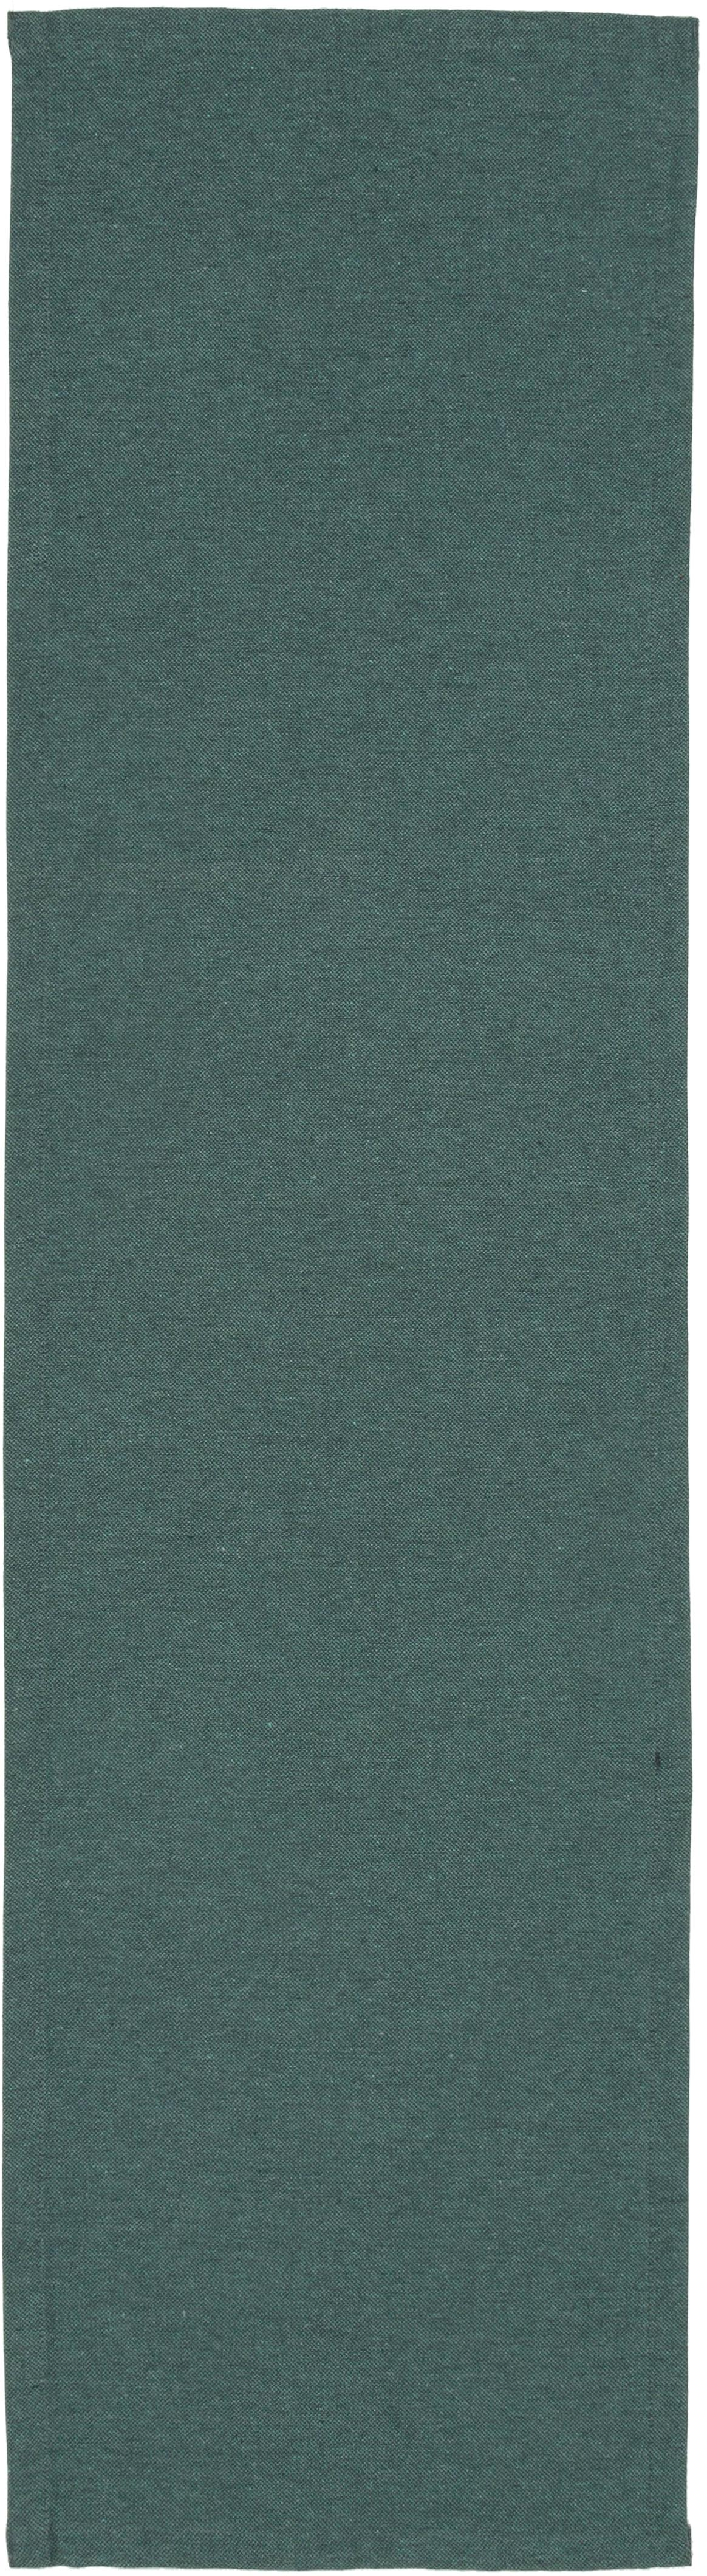 Runner da tavolo Riva, 55% cotone, 45% poliestere, Petrolio, Larg. 40 x Lung. 150 cm